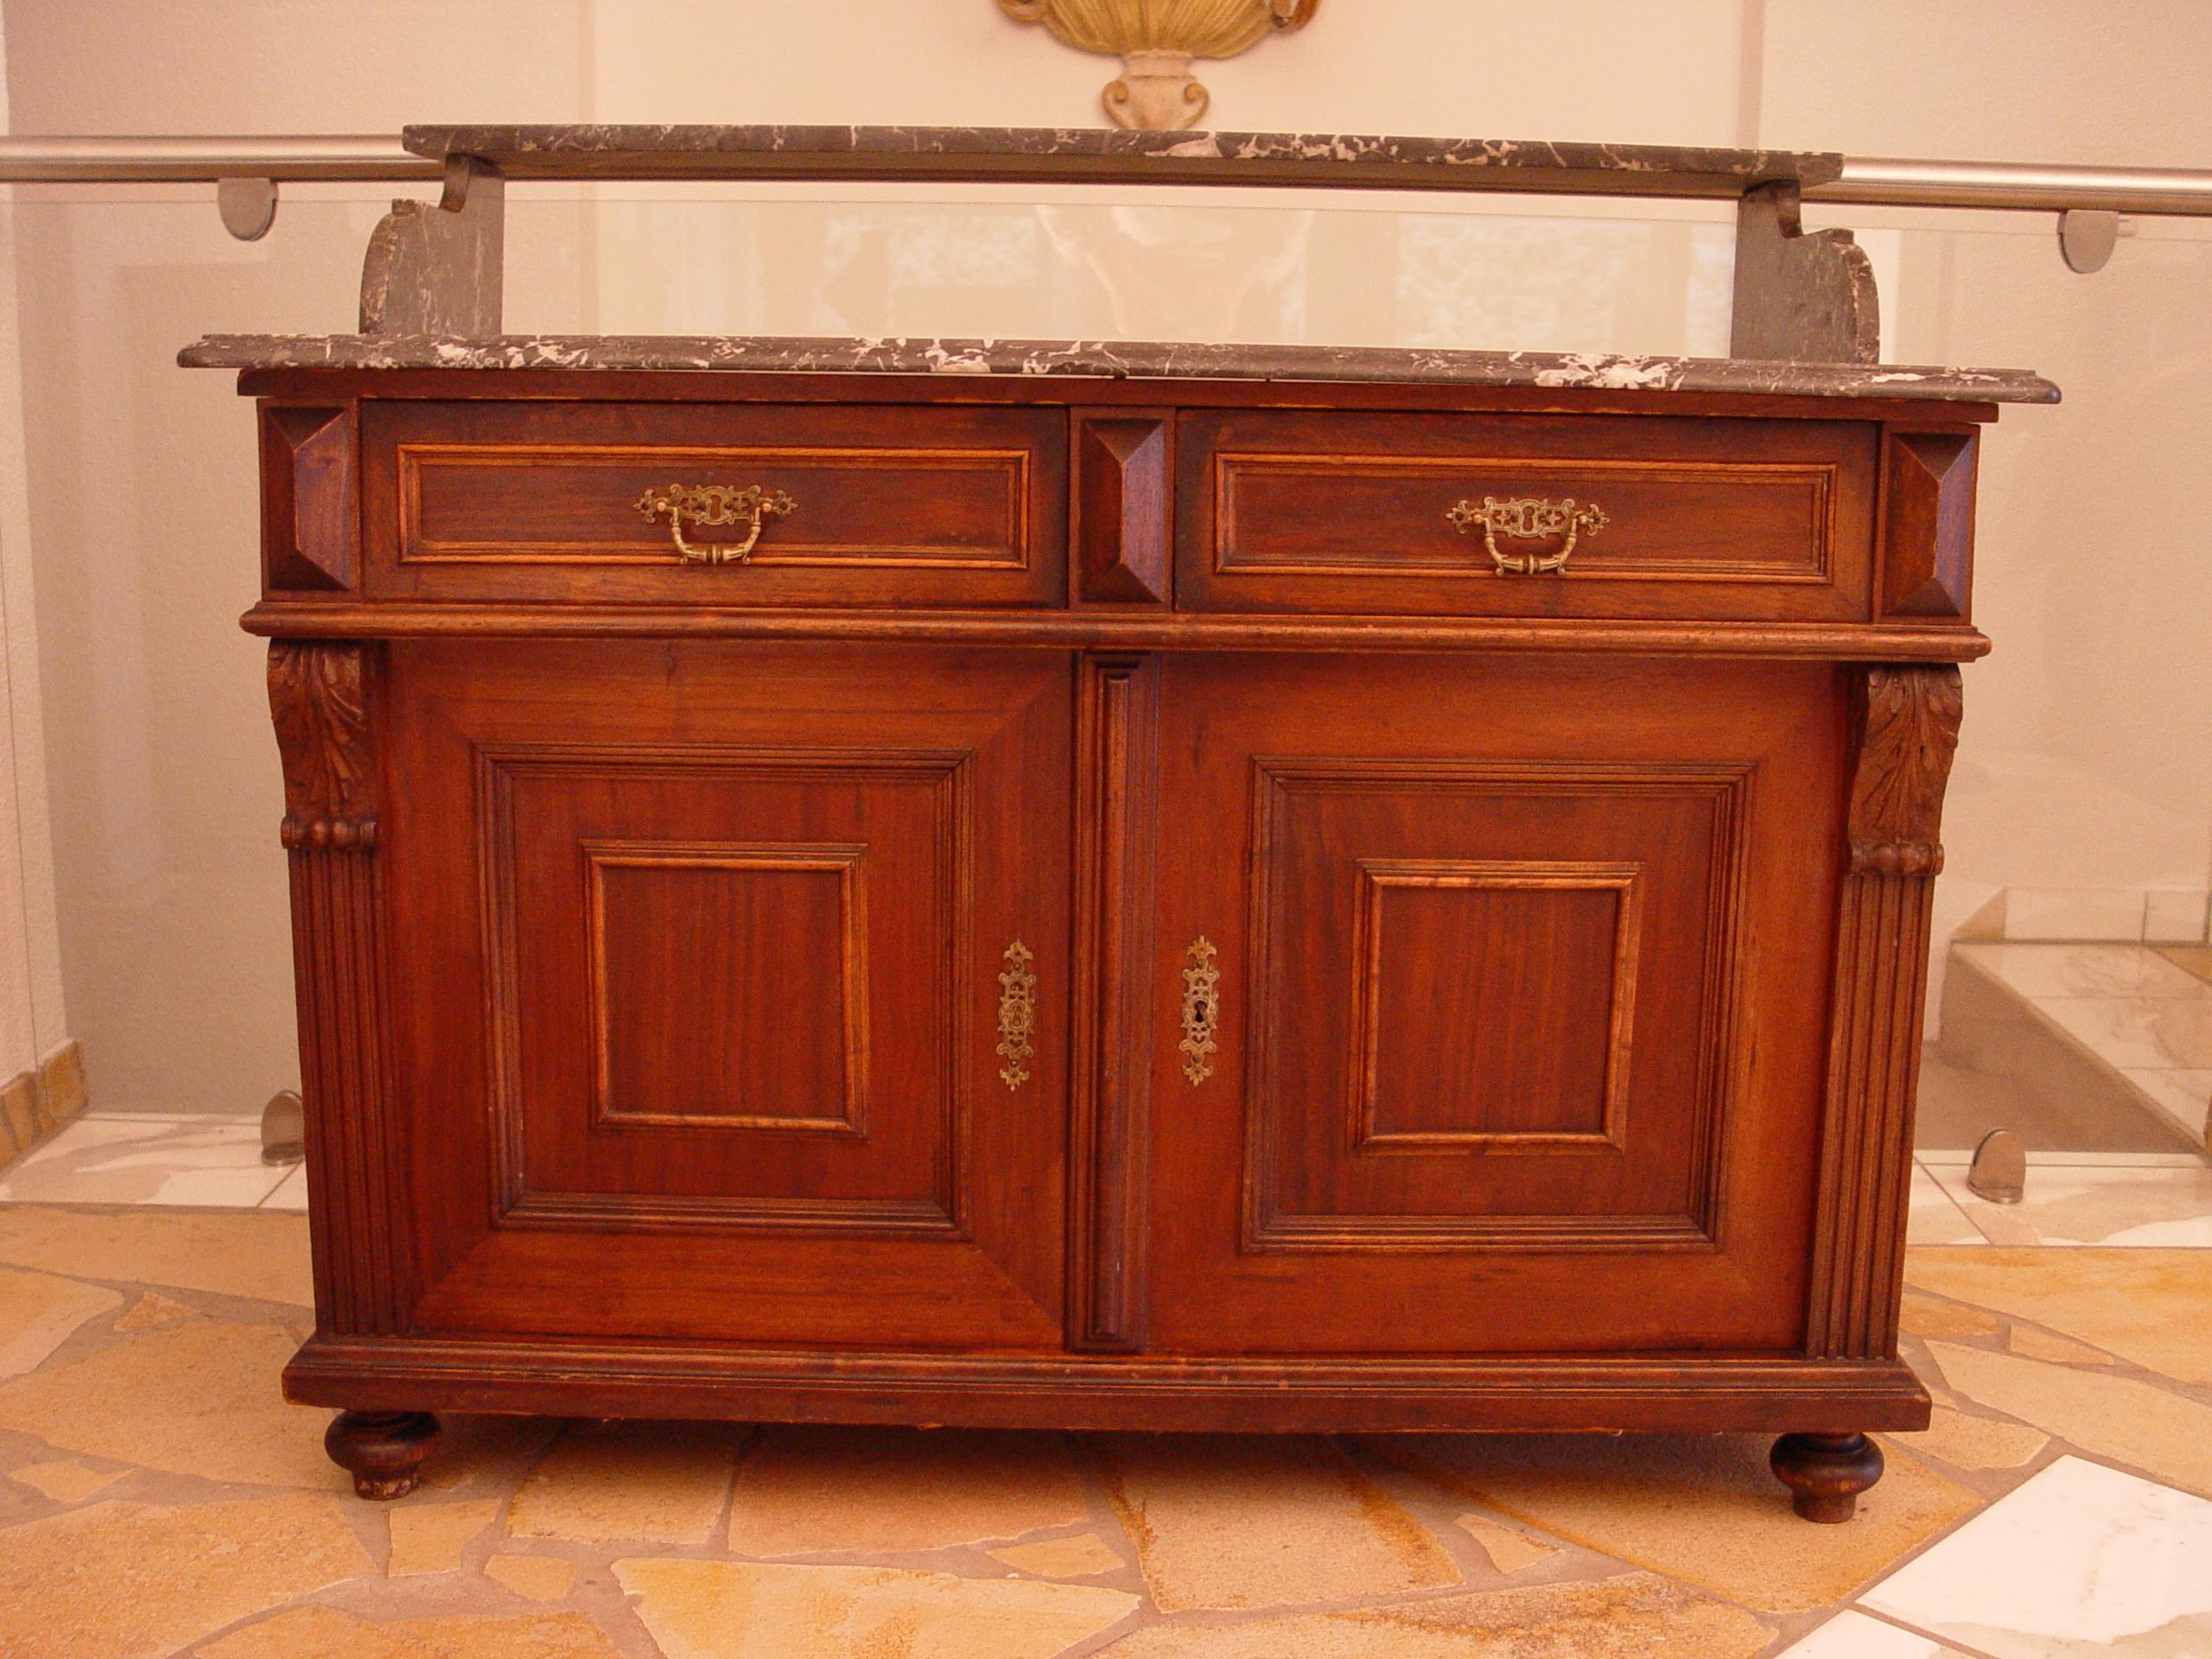 kommode waschkommode schreibtisch gr nderzeit um 1880 ebay. Black Bedroom Furniture Sets. Home Design Ideas